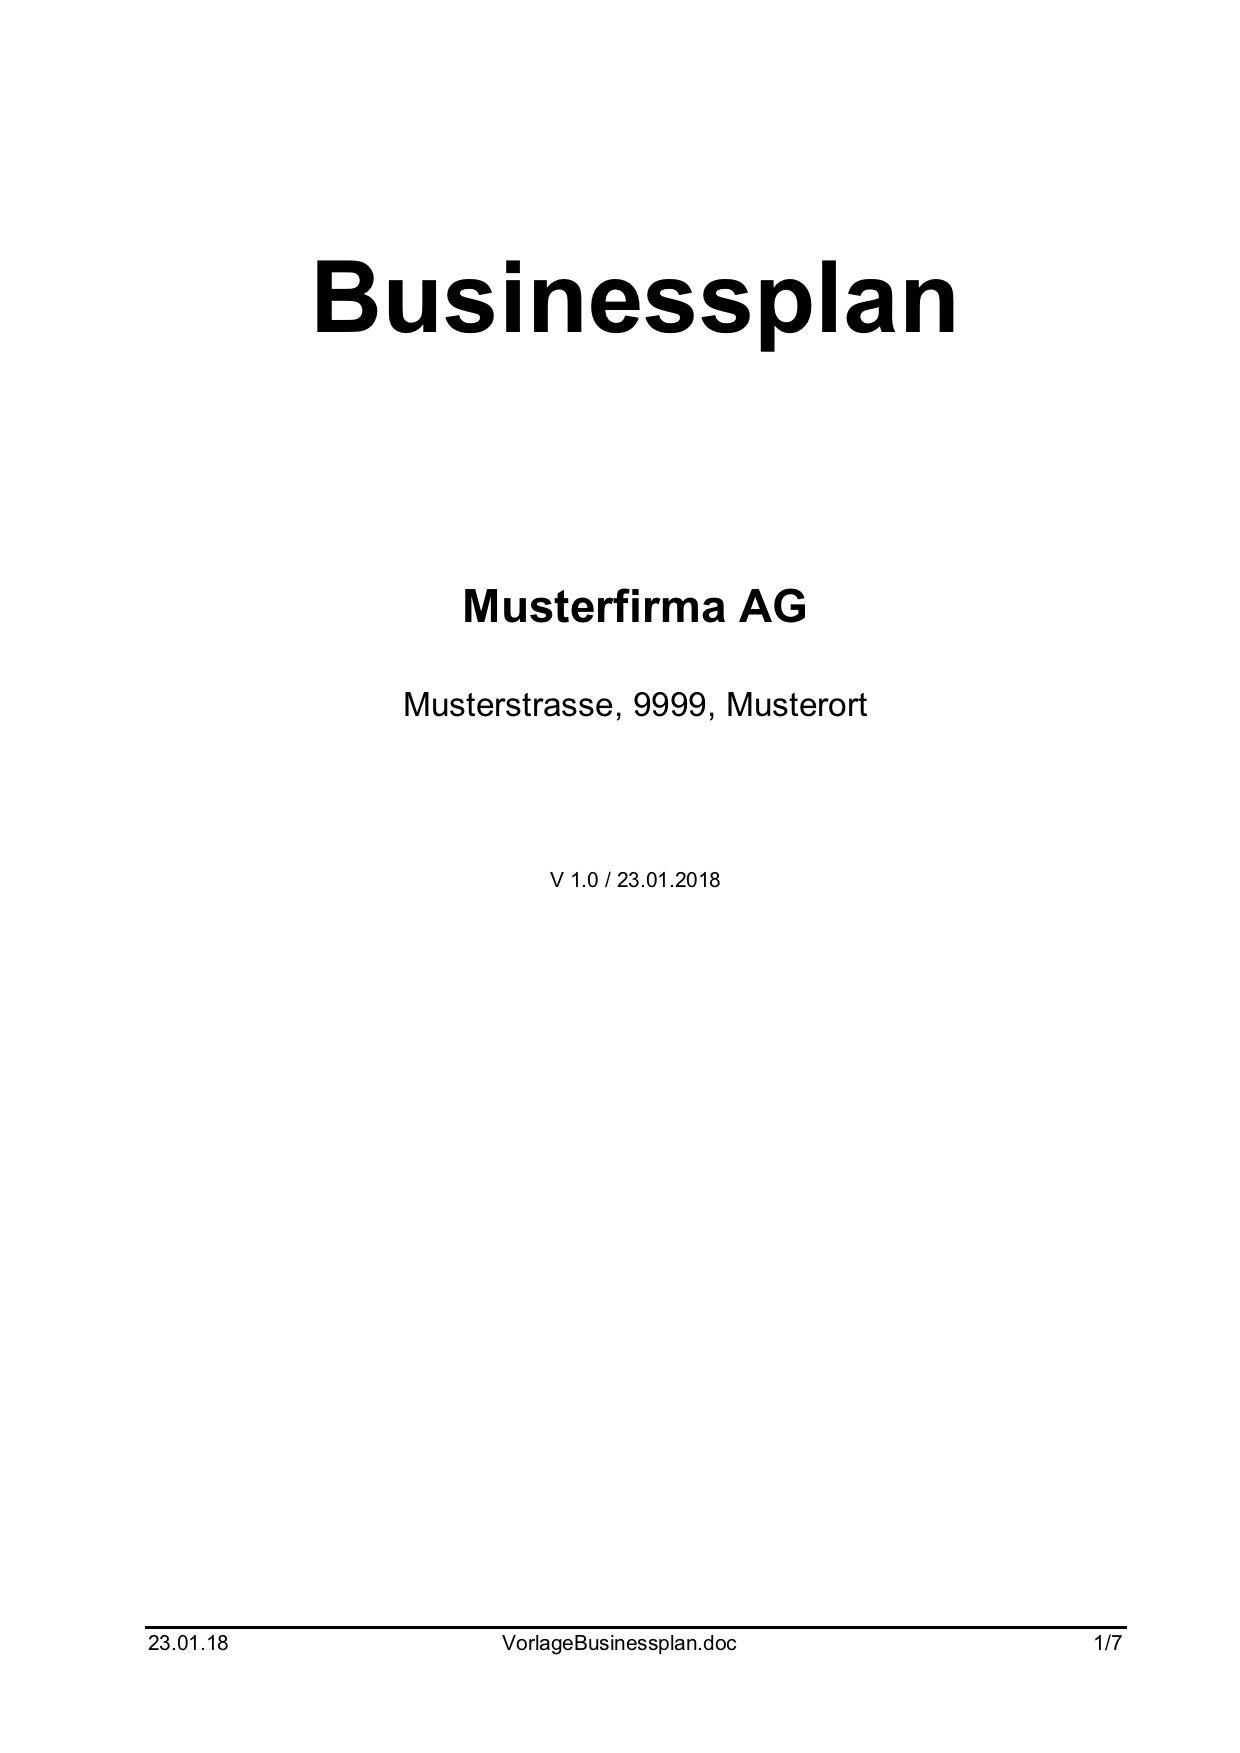 mit dieser kostenlosen businessplan vorlage knnen sie ihre geschftsidee zu papier bringen um die bank - Businessplan Muster Kostenlos